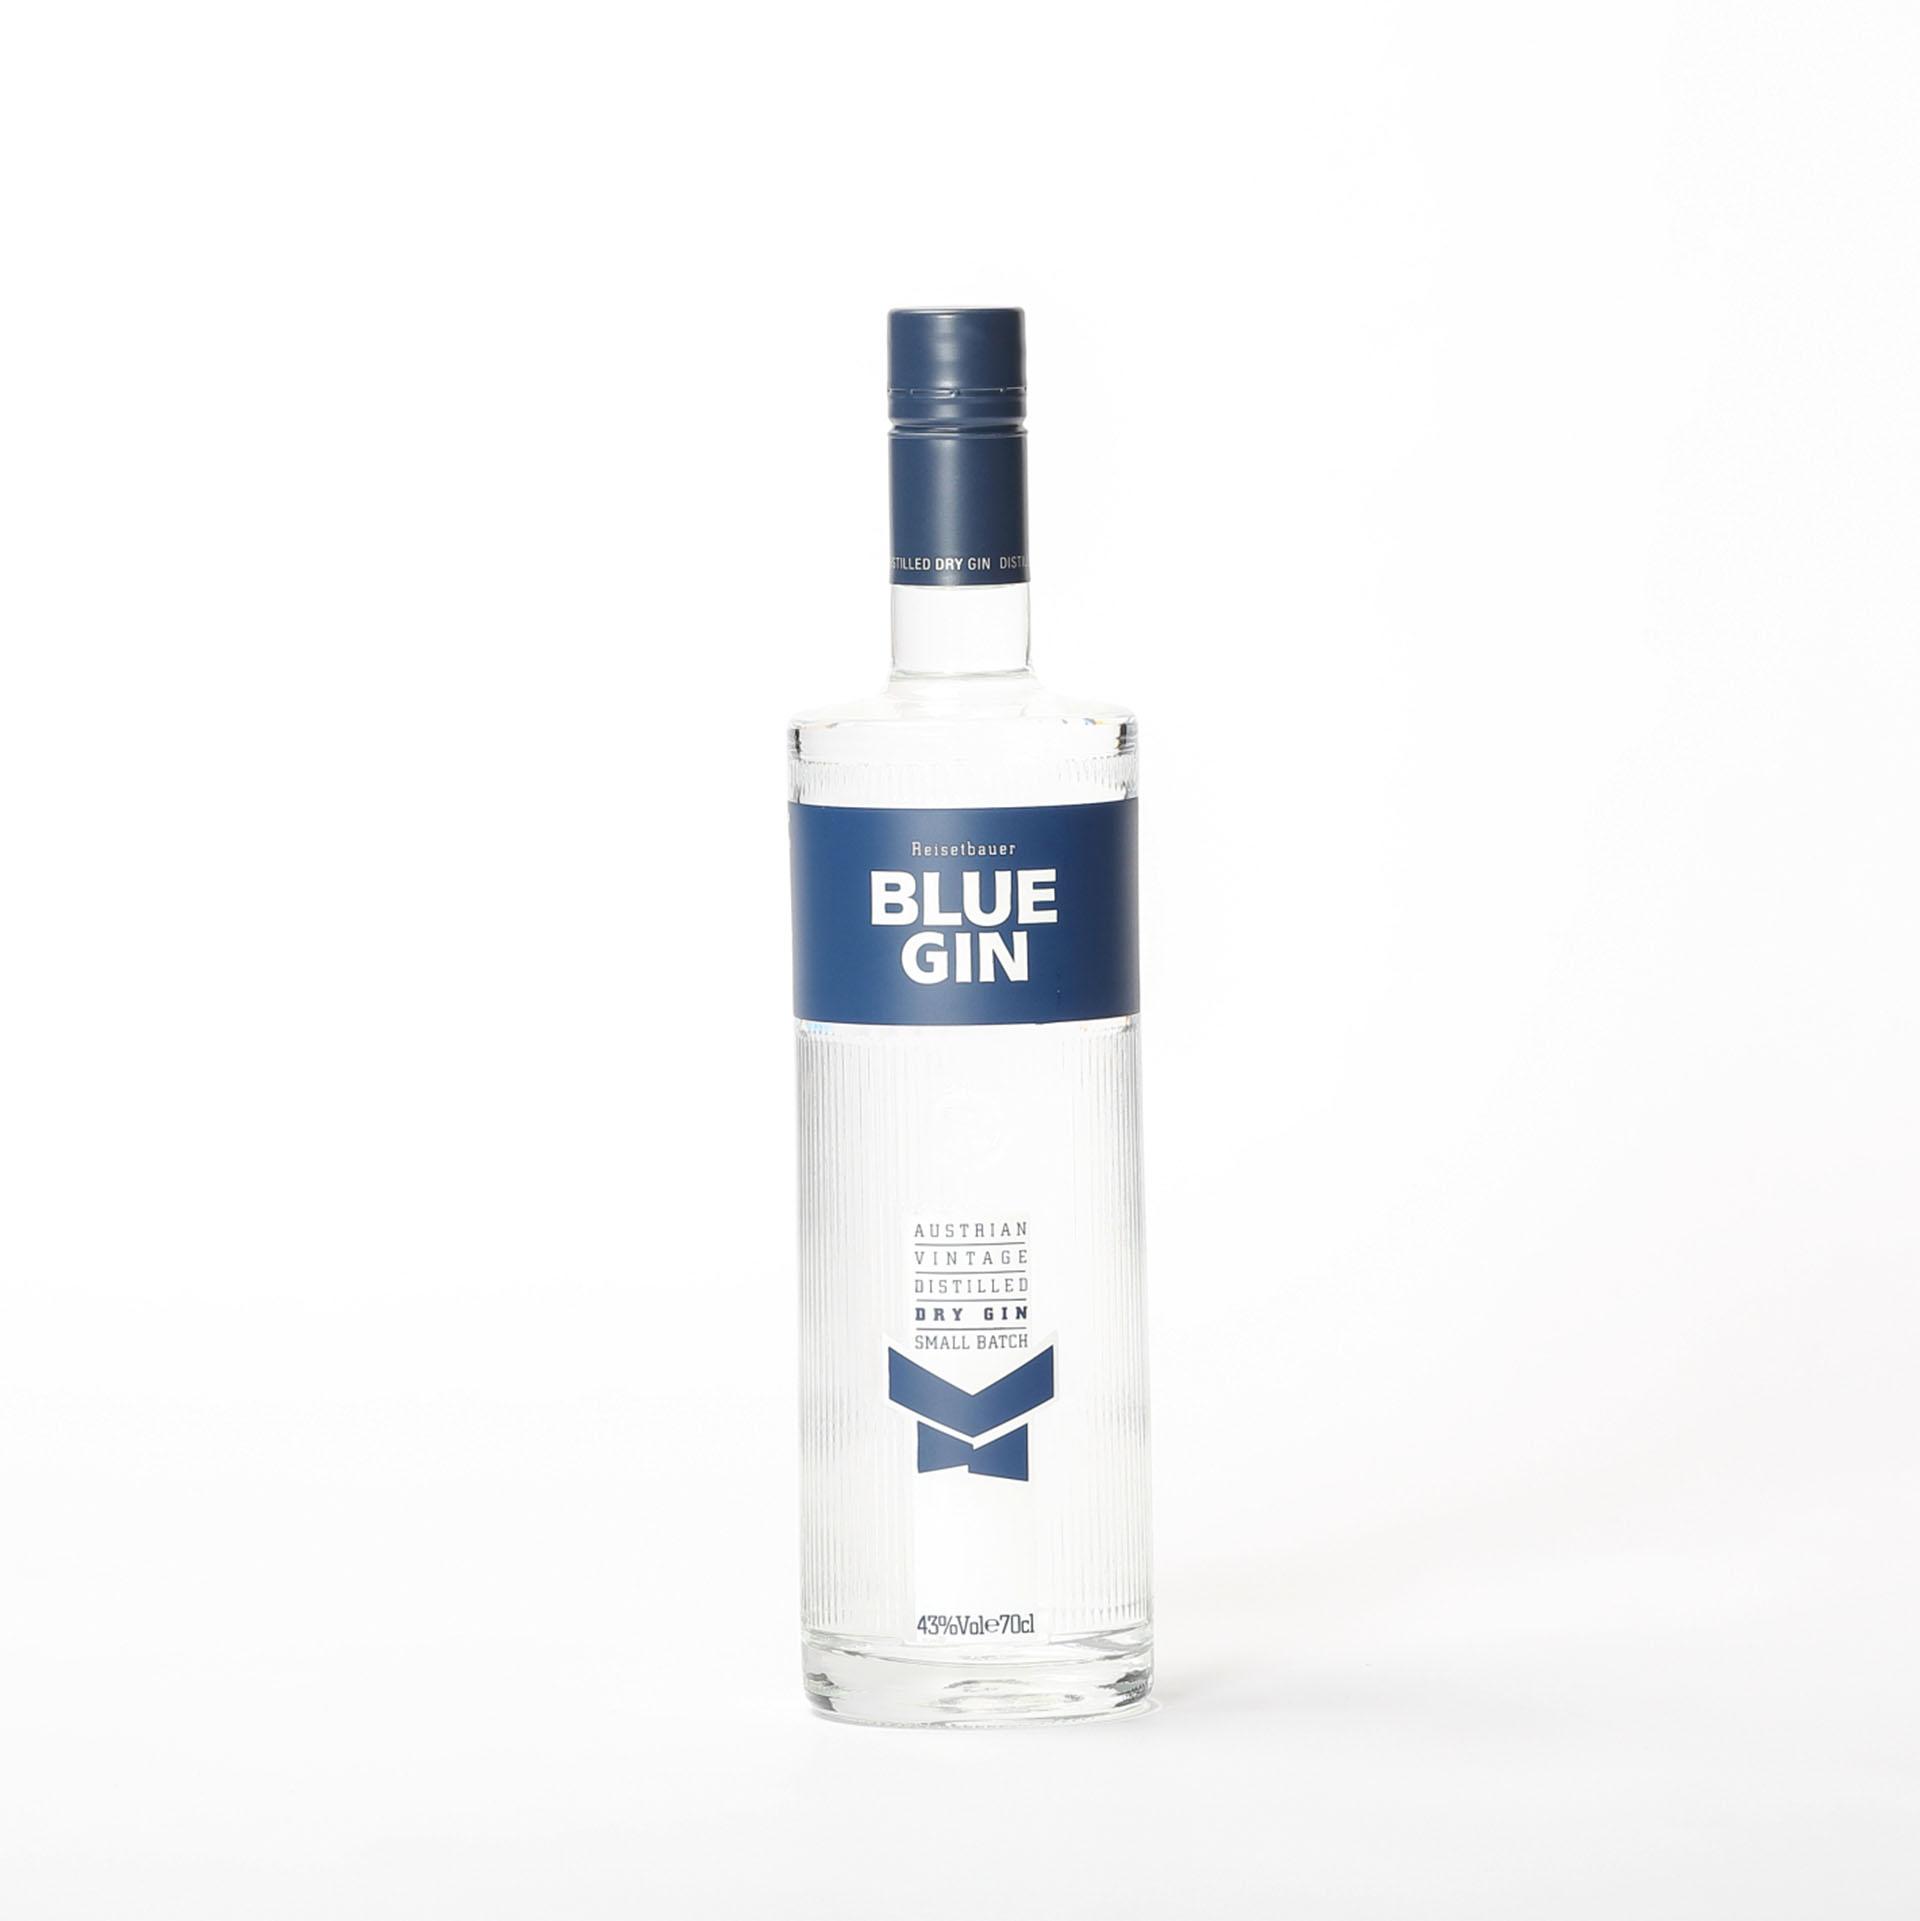 Blue Gin - Reisetbauer Qualitätsbrand